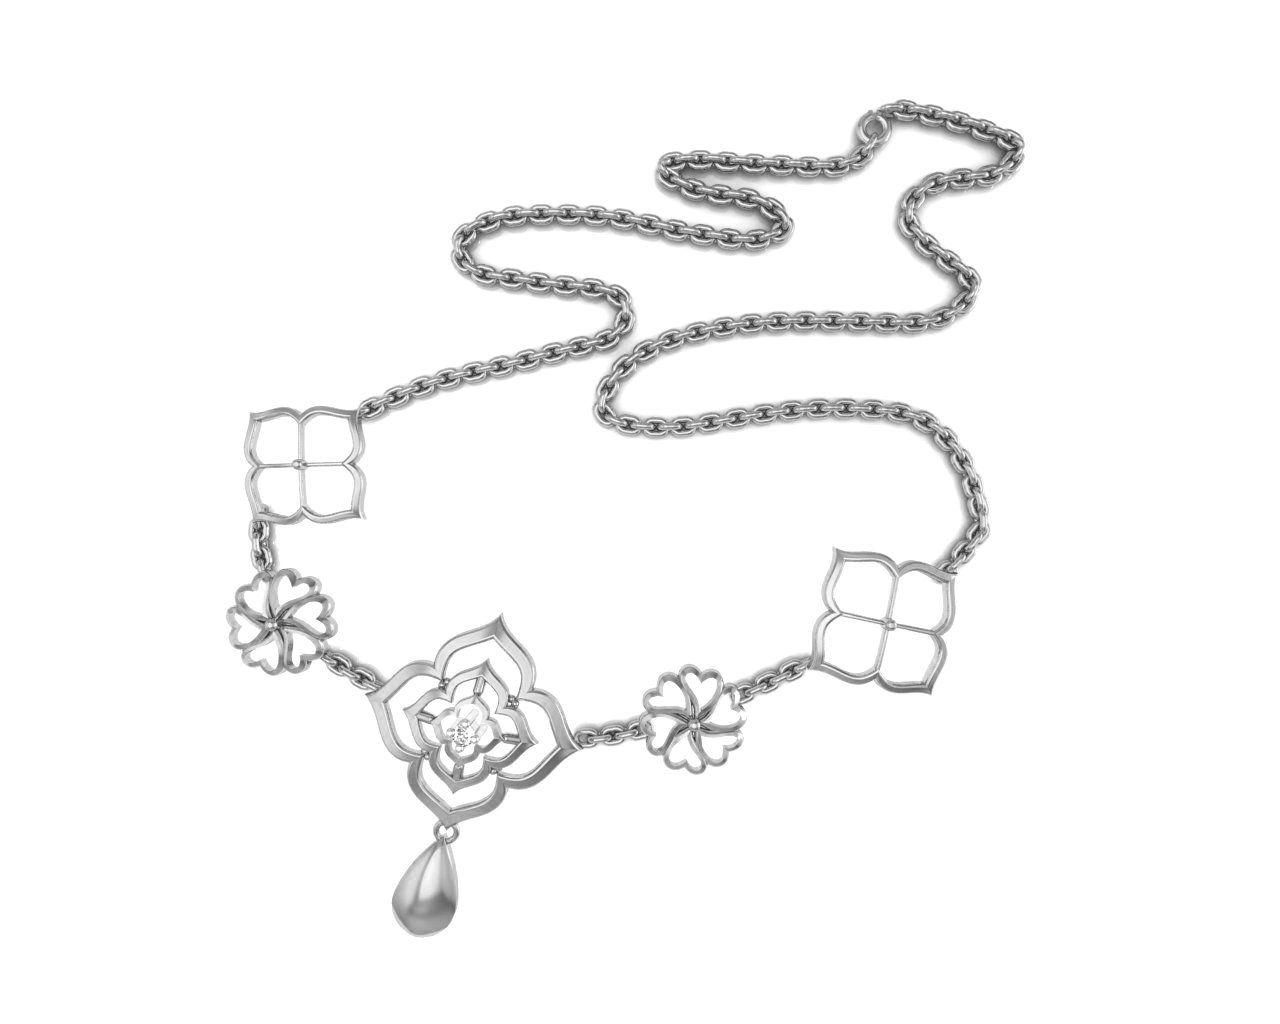 Avsar 18k Gold Necklace